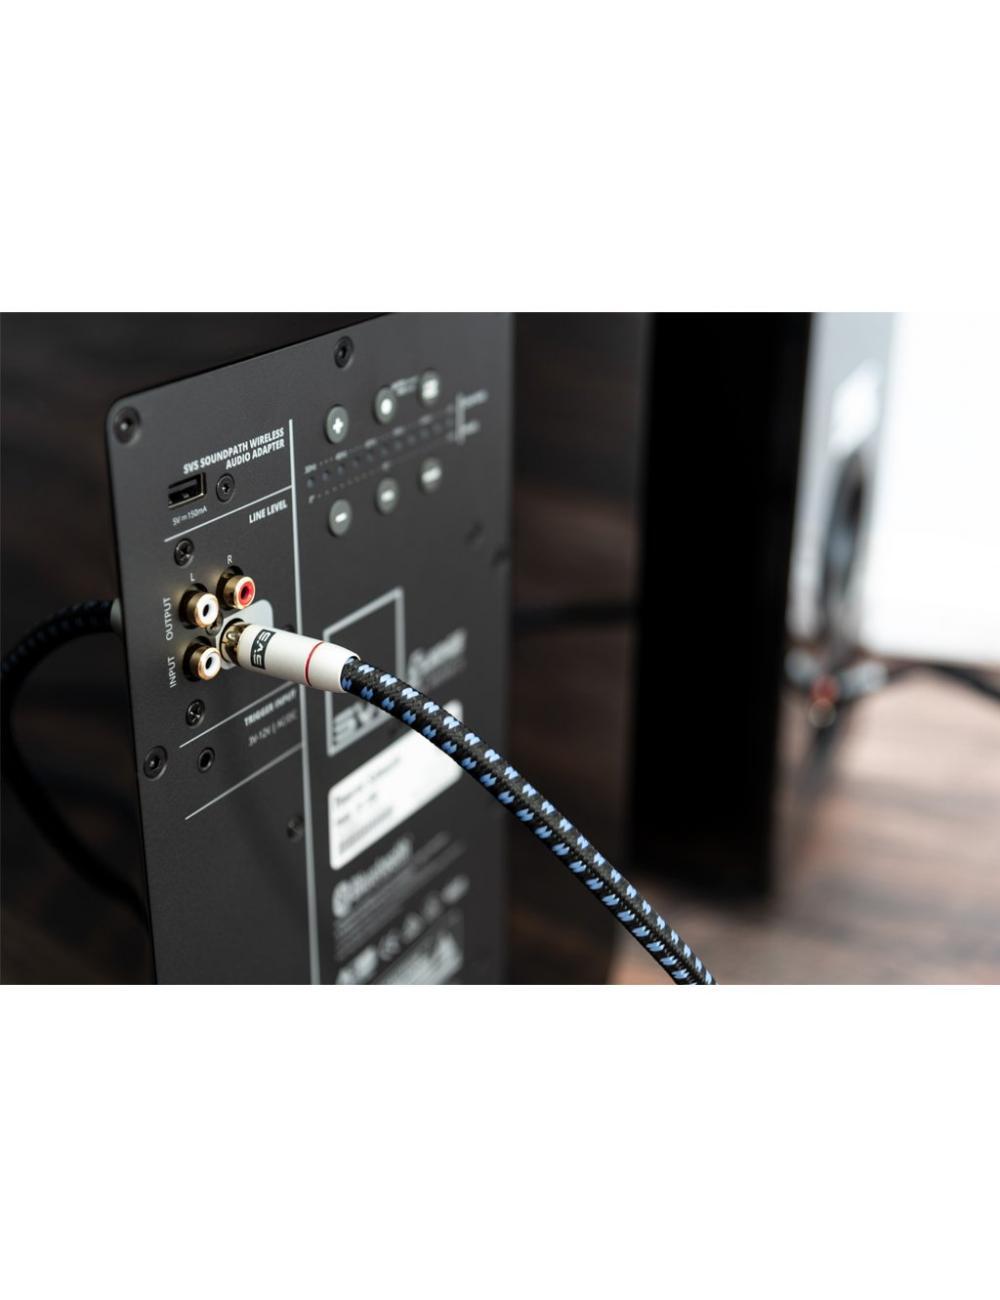 cavo di segnale per subwoofer con terminazioni RCA HiFI, SVS SoundPath RCA Subwoofer, dettaglio connessione subwoofer